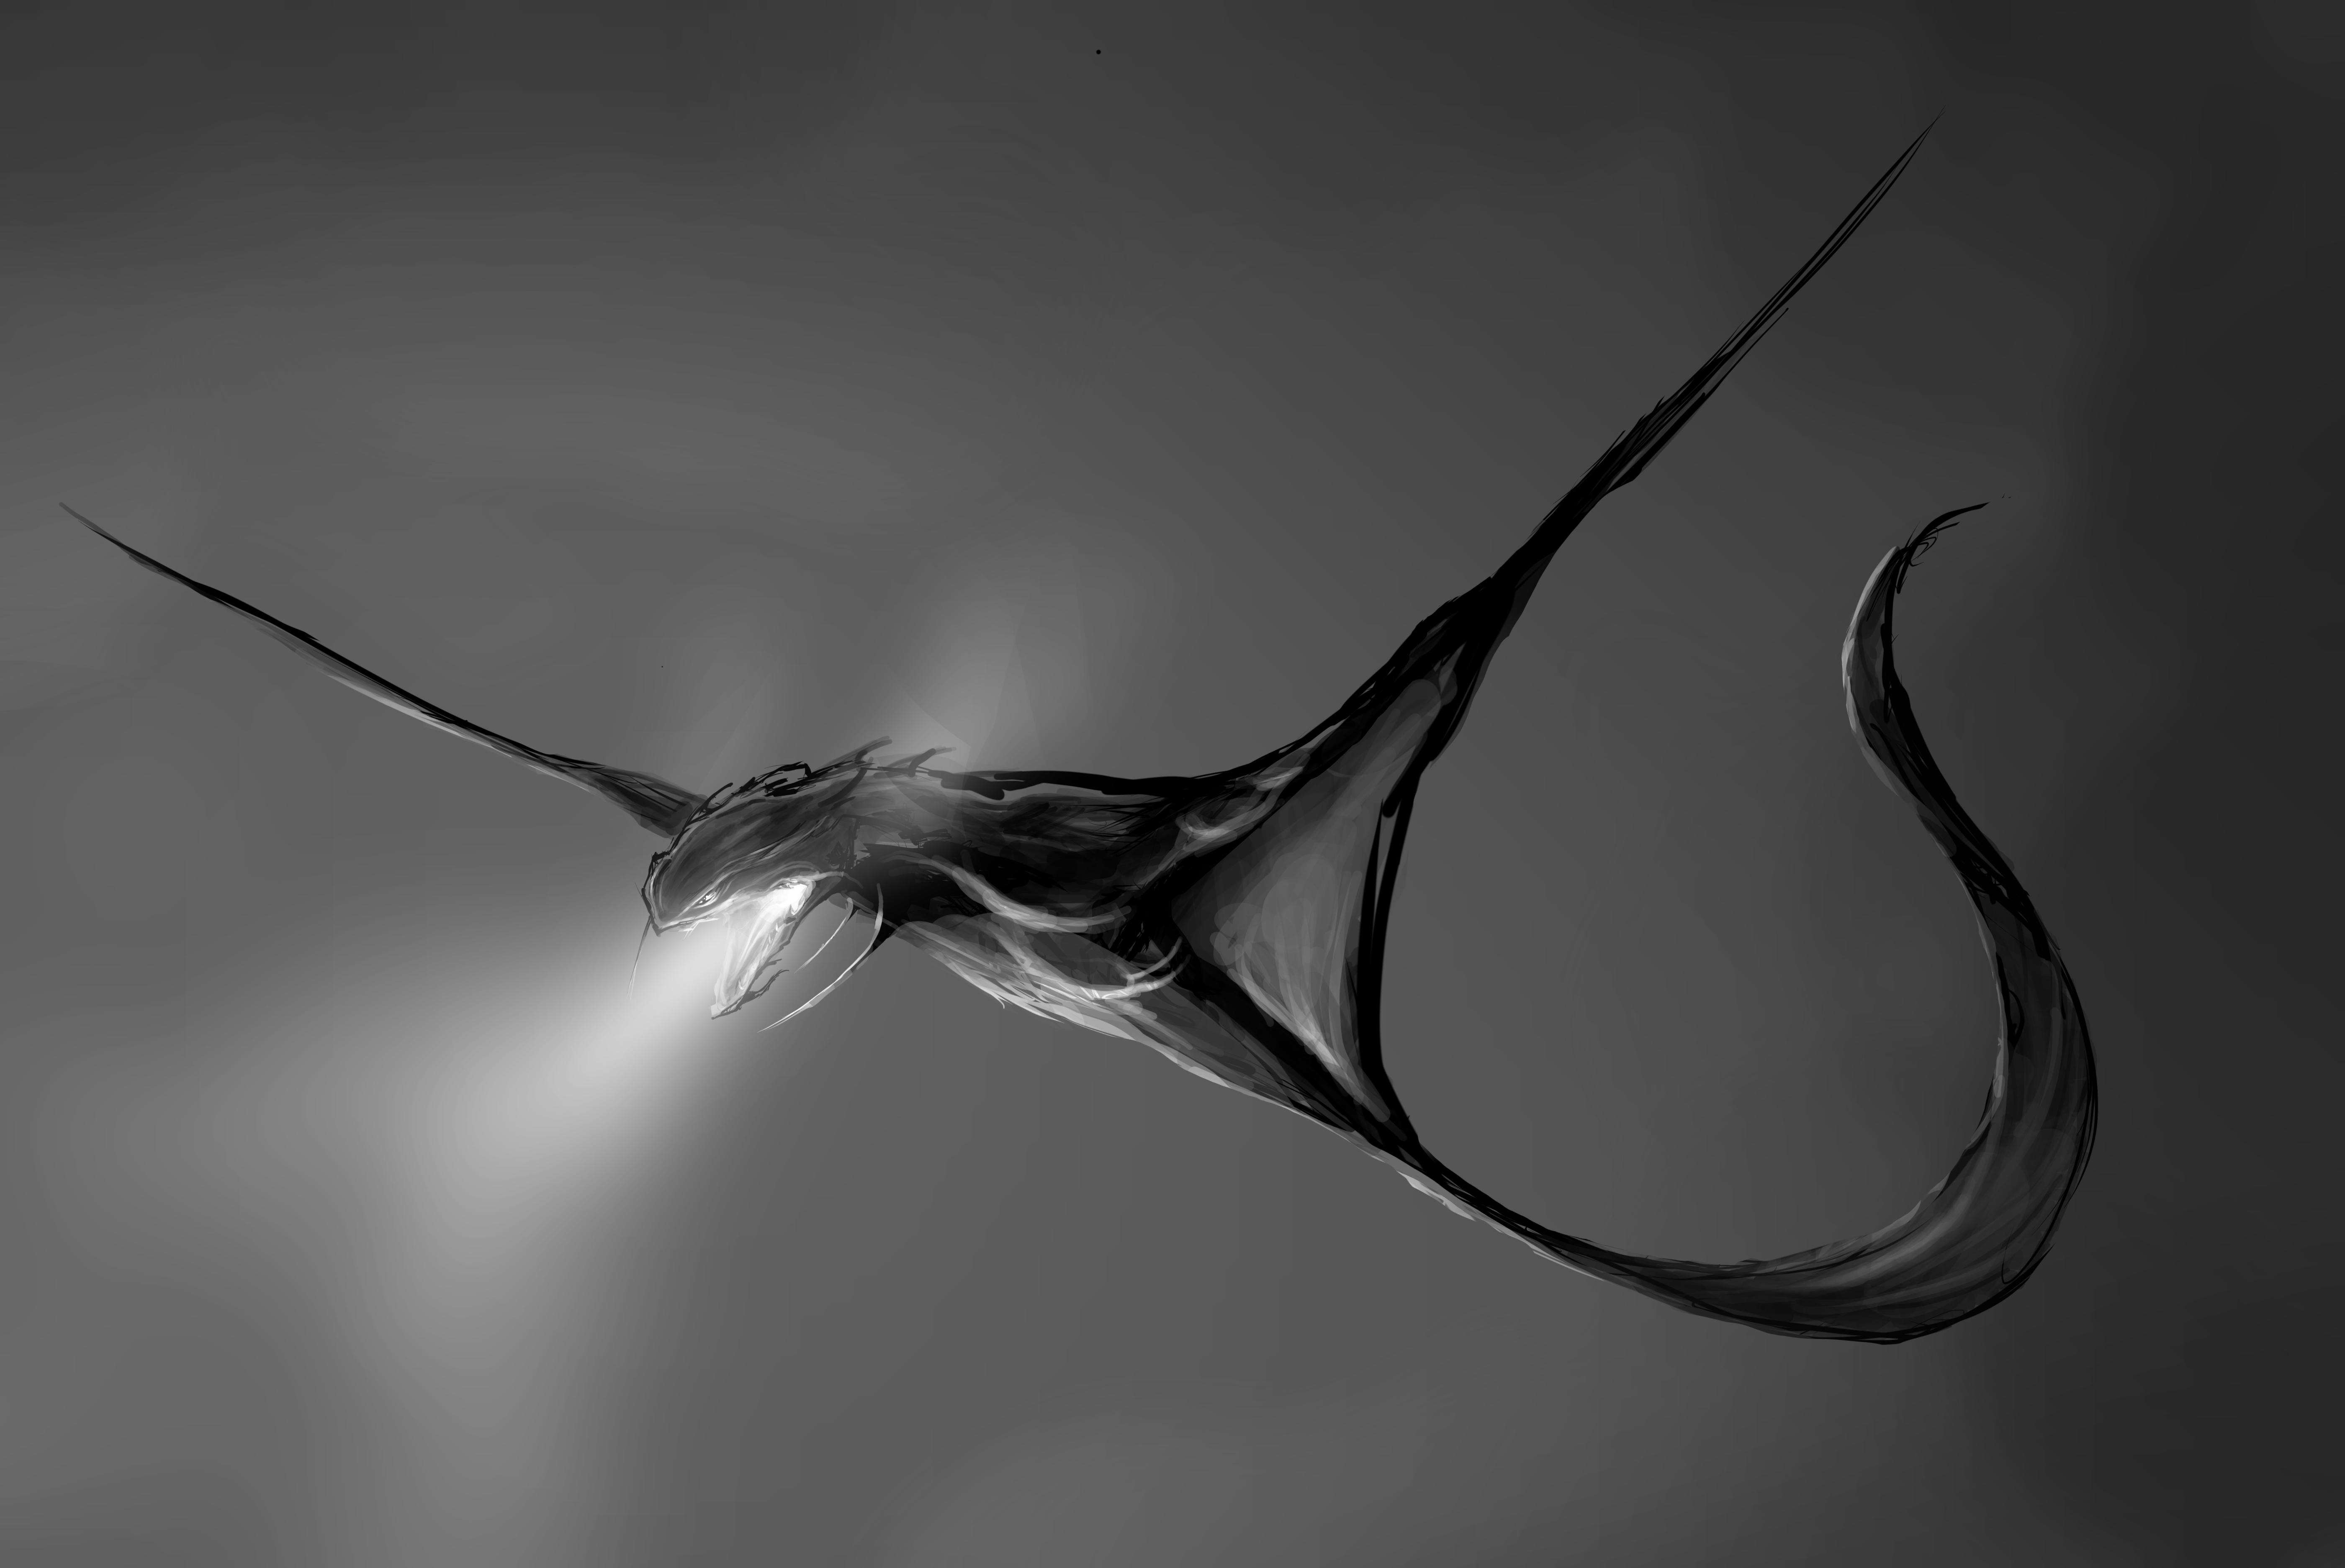 DeepFlame3/Random sketch